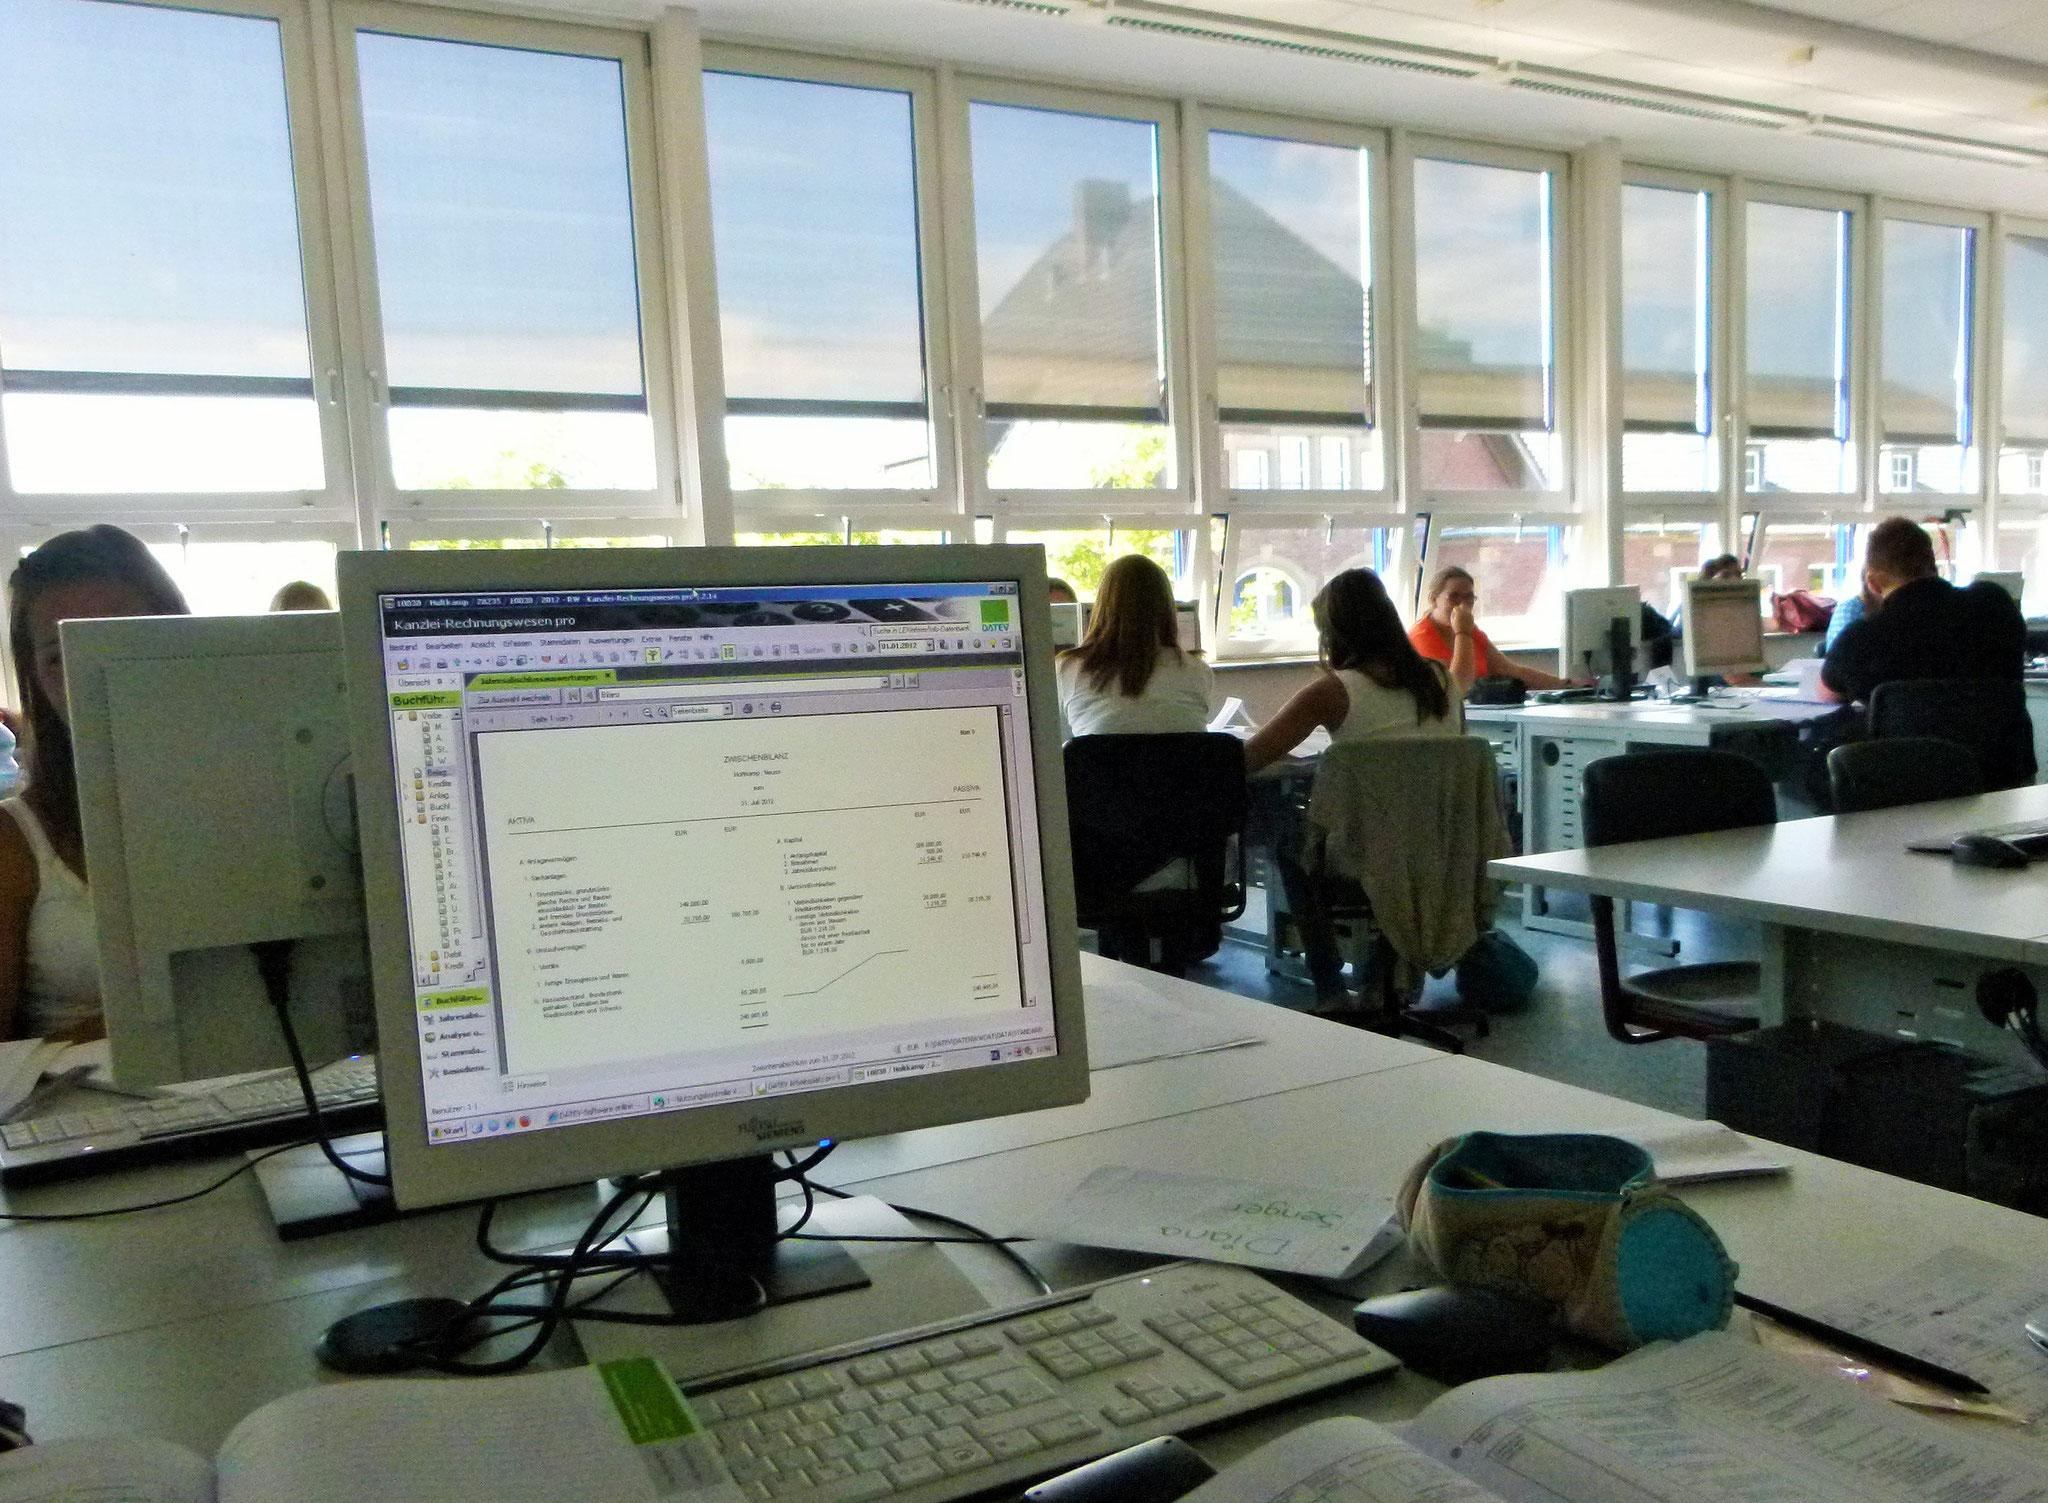 Moderne Ausstattung mit 24 PC-Räumen; alle Schülerinnen und Schüler erhalten einen kostenlosen Office 365 Zugang für die Zeit ihres Schulbesuchs und können den staatlichen EDV-Führerschein NRW erwerben